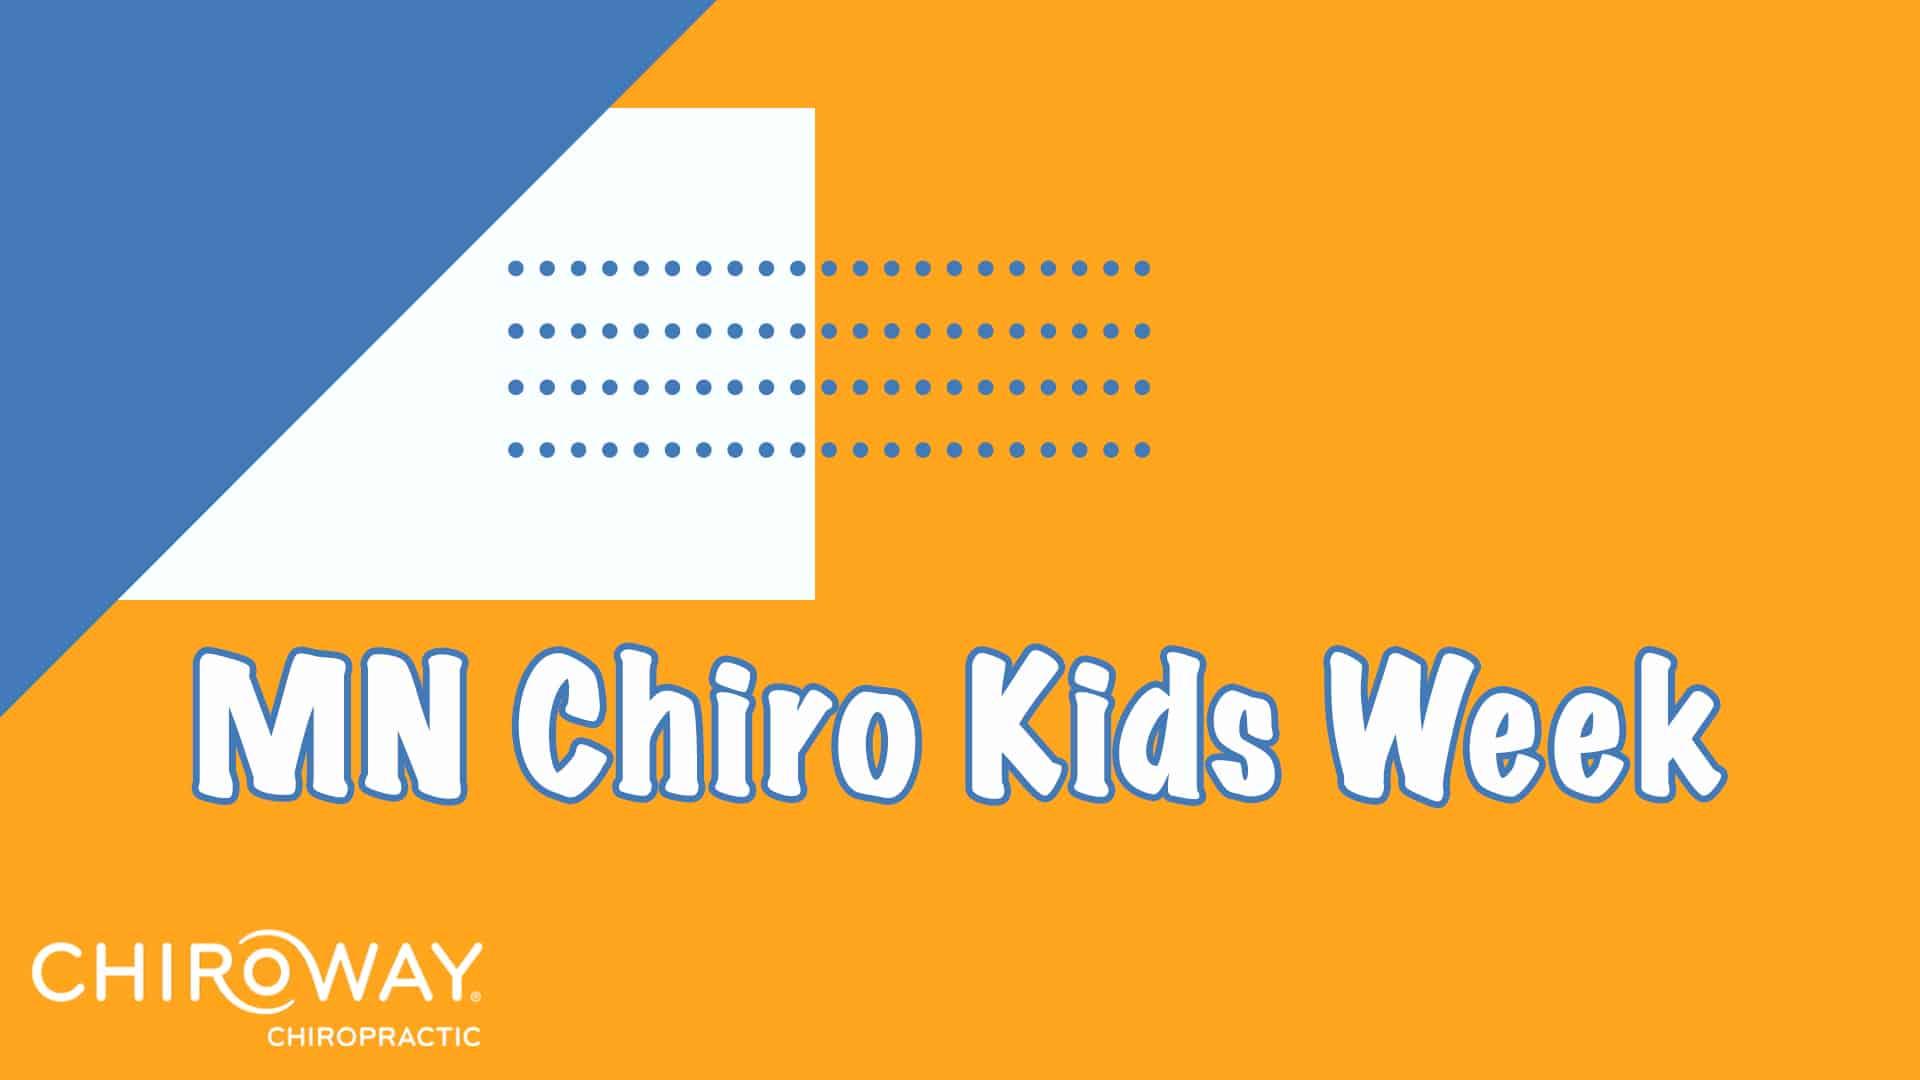 Minnesota's Chiropractic Kids Week with ChiroWay Chiropractic Logo